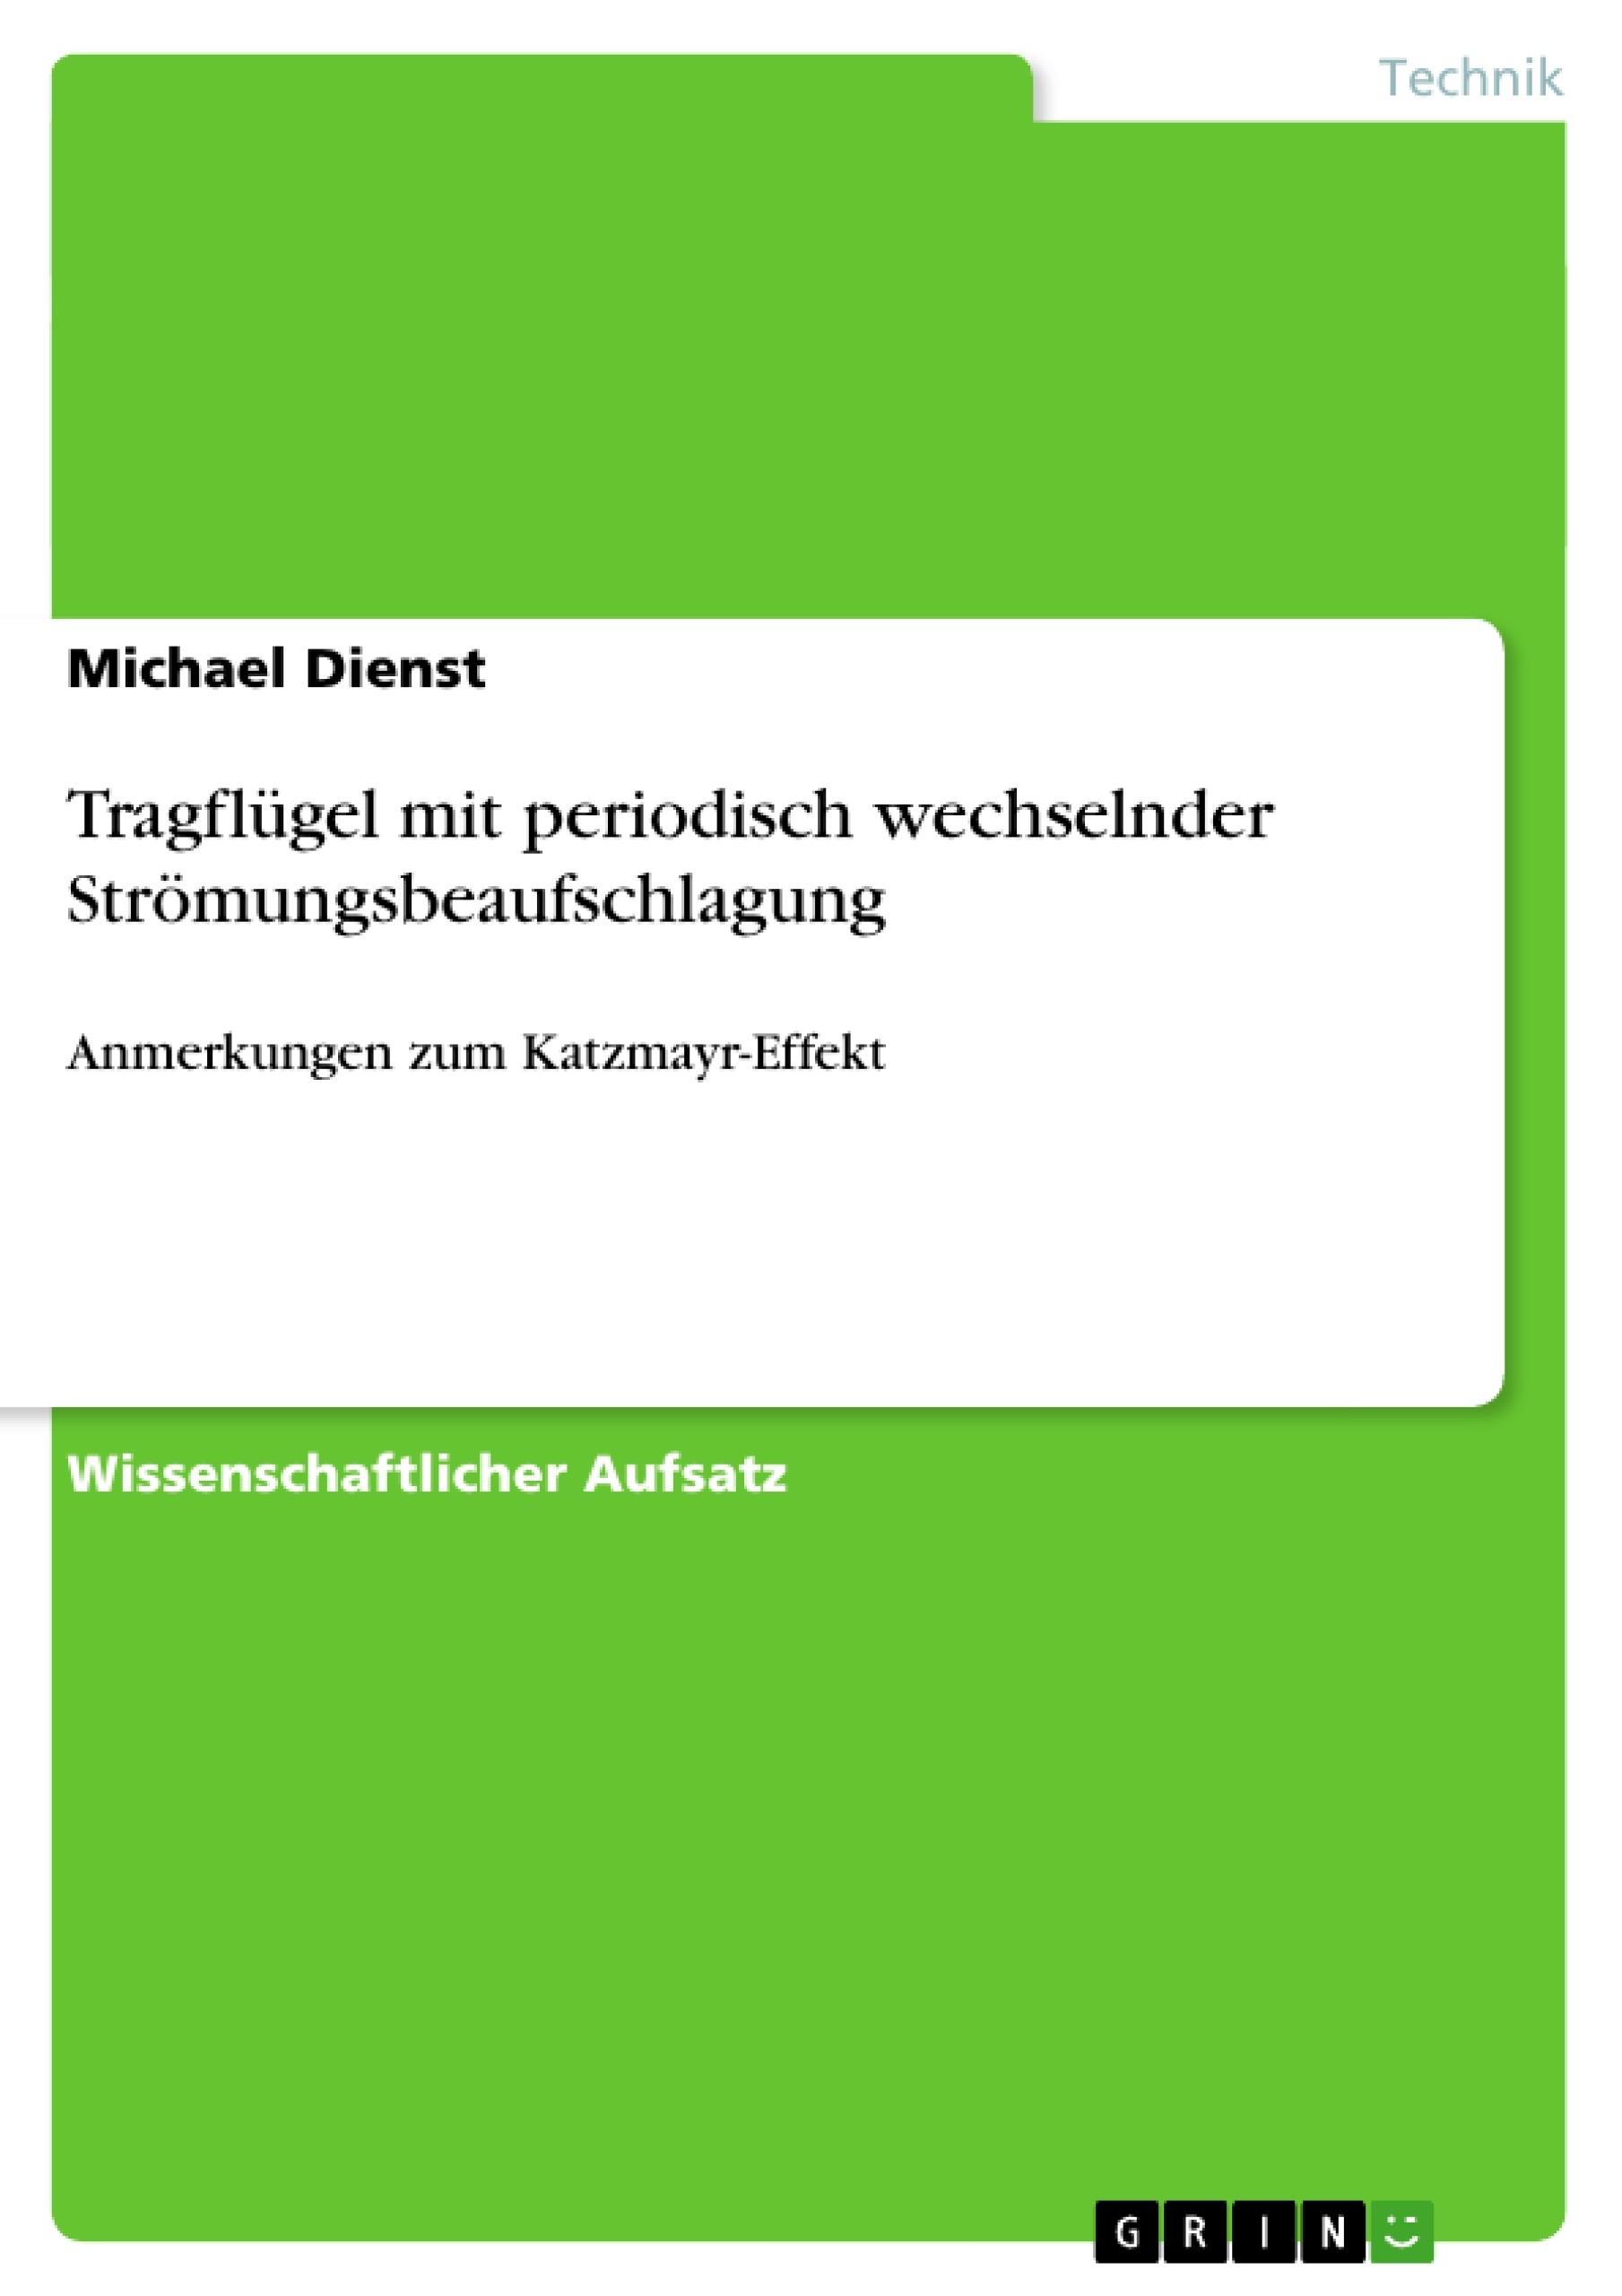 Title: Tragflügel mit periodisch wechselnder Strömungsbeaufschlagung